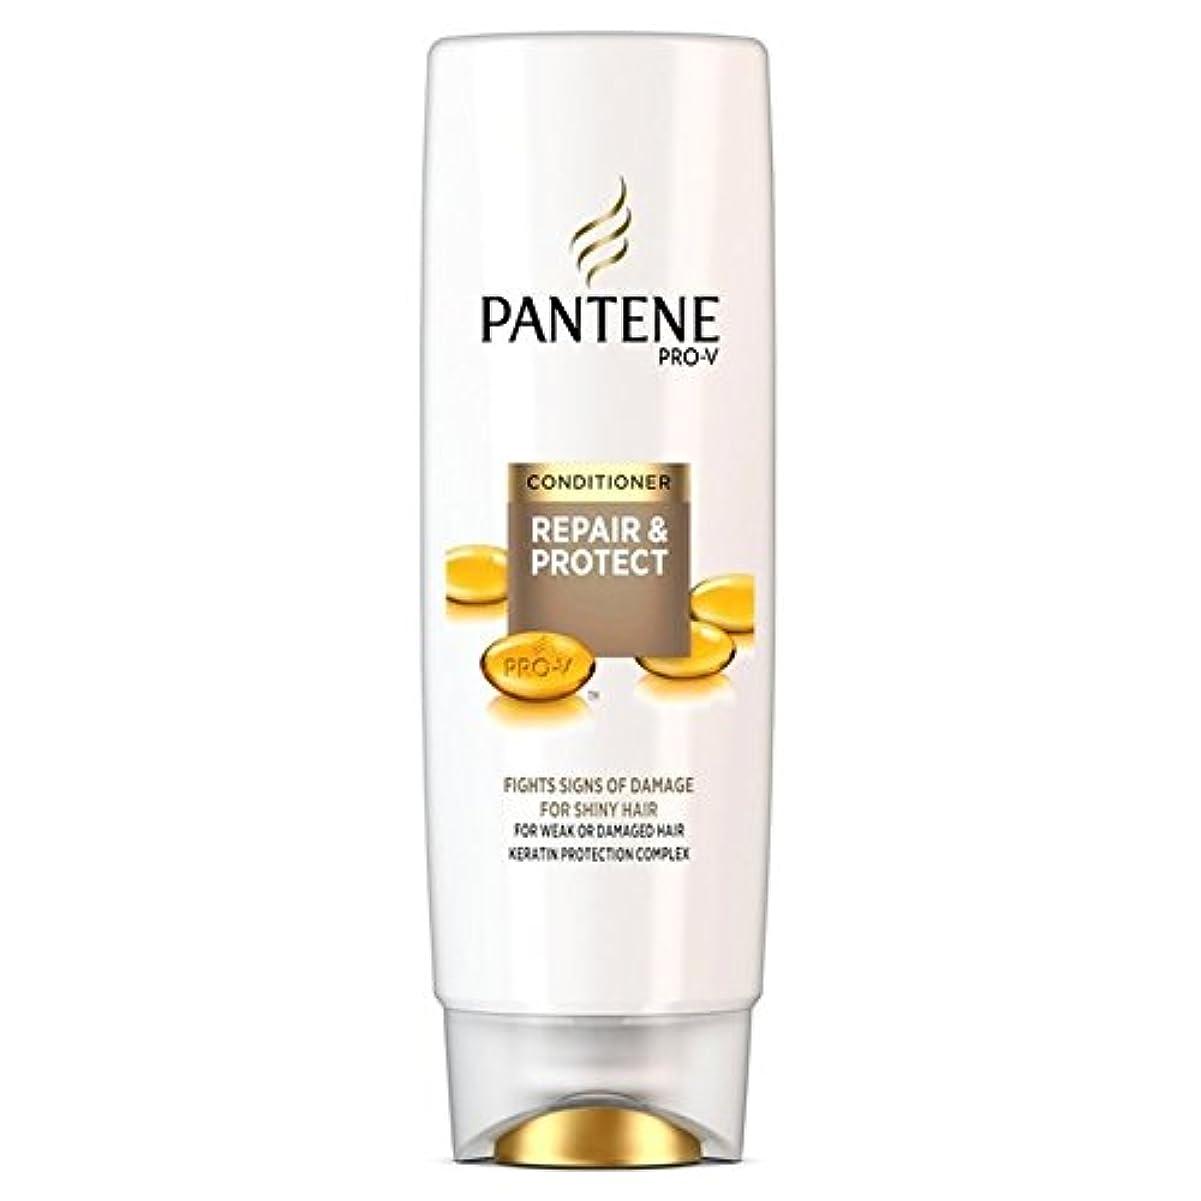 カリングシェル泣き叫ぶパンテーンコンディショナーの修理&弱いか、傷んだ髪の250ミリリットルのための保護 x2 - Pantene Conditioner Repair & Protect For Weak Or Damaged Hair 250ml (Pack of 2) [並行輸入品]